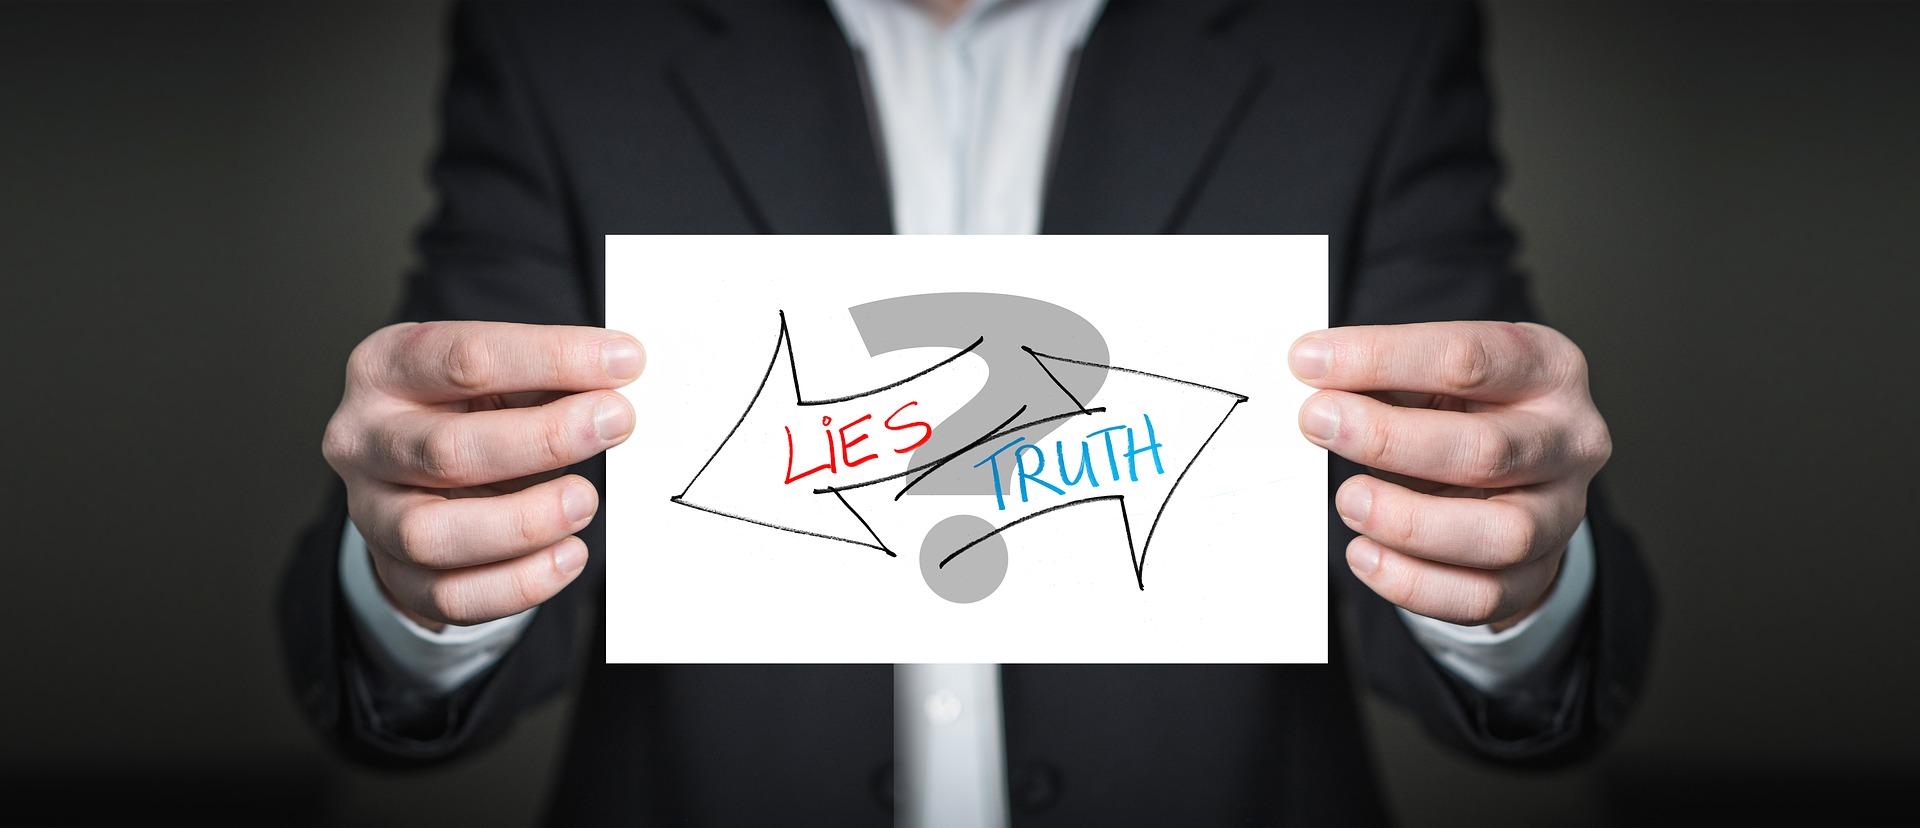 Adaptoren, Mimik und NOT-Face oder wie Sie in Verhandlungen Lügner entlarven